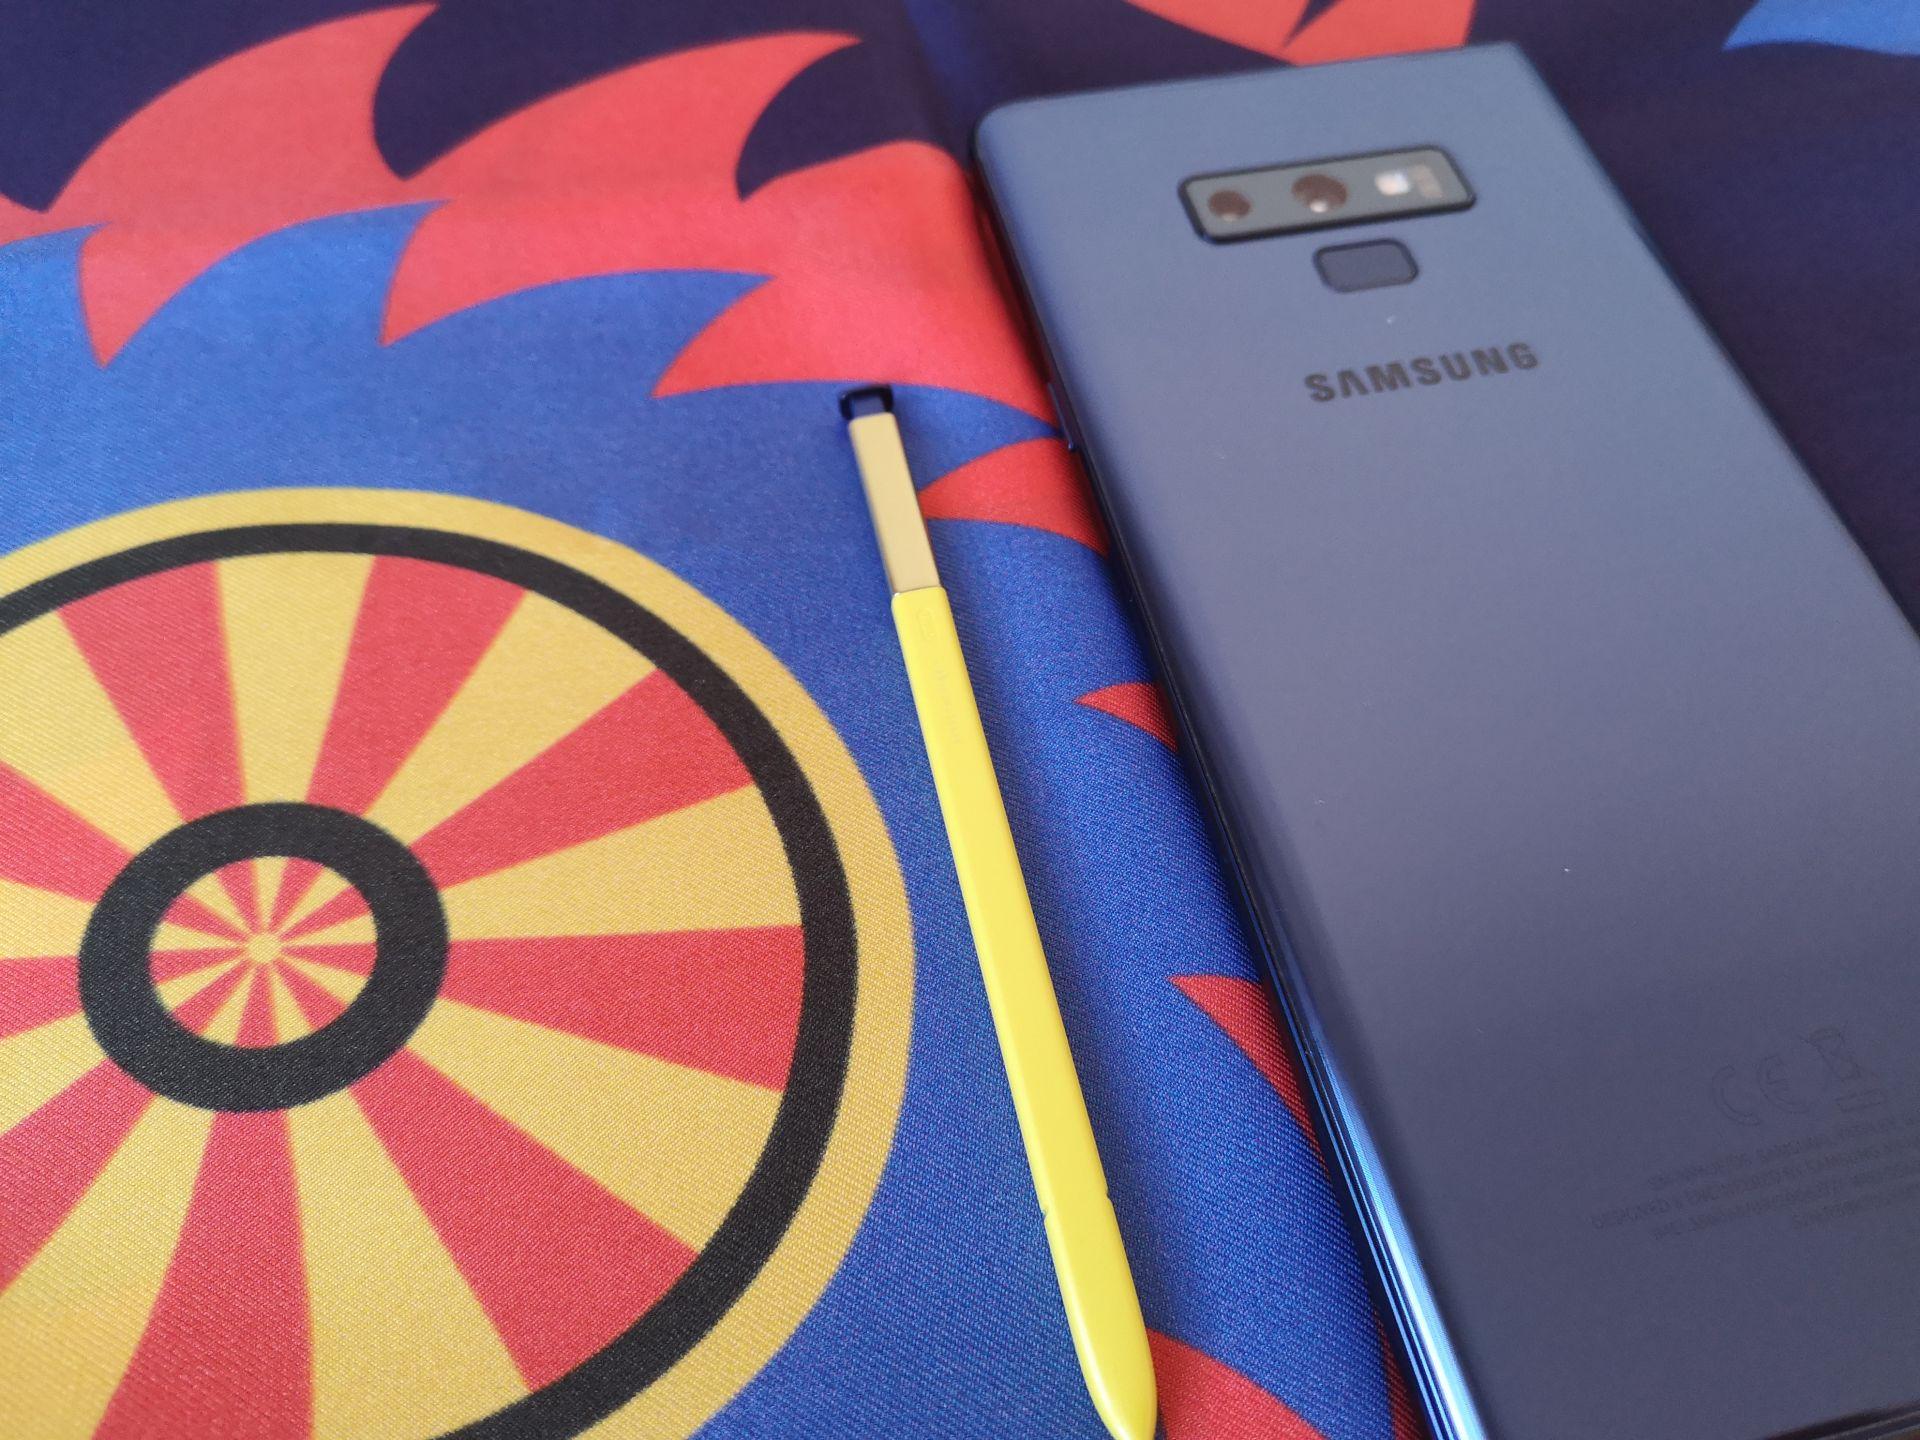 """Шал """"Преспа"""" от колекцията Корени на ШЕВИЦА с цветовете на S Pen стилусътна Samsung Galaxy Note9, който позволява да записваме всичко на телефона, дори и в движение."""